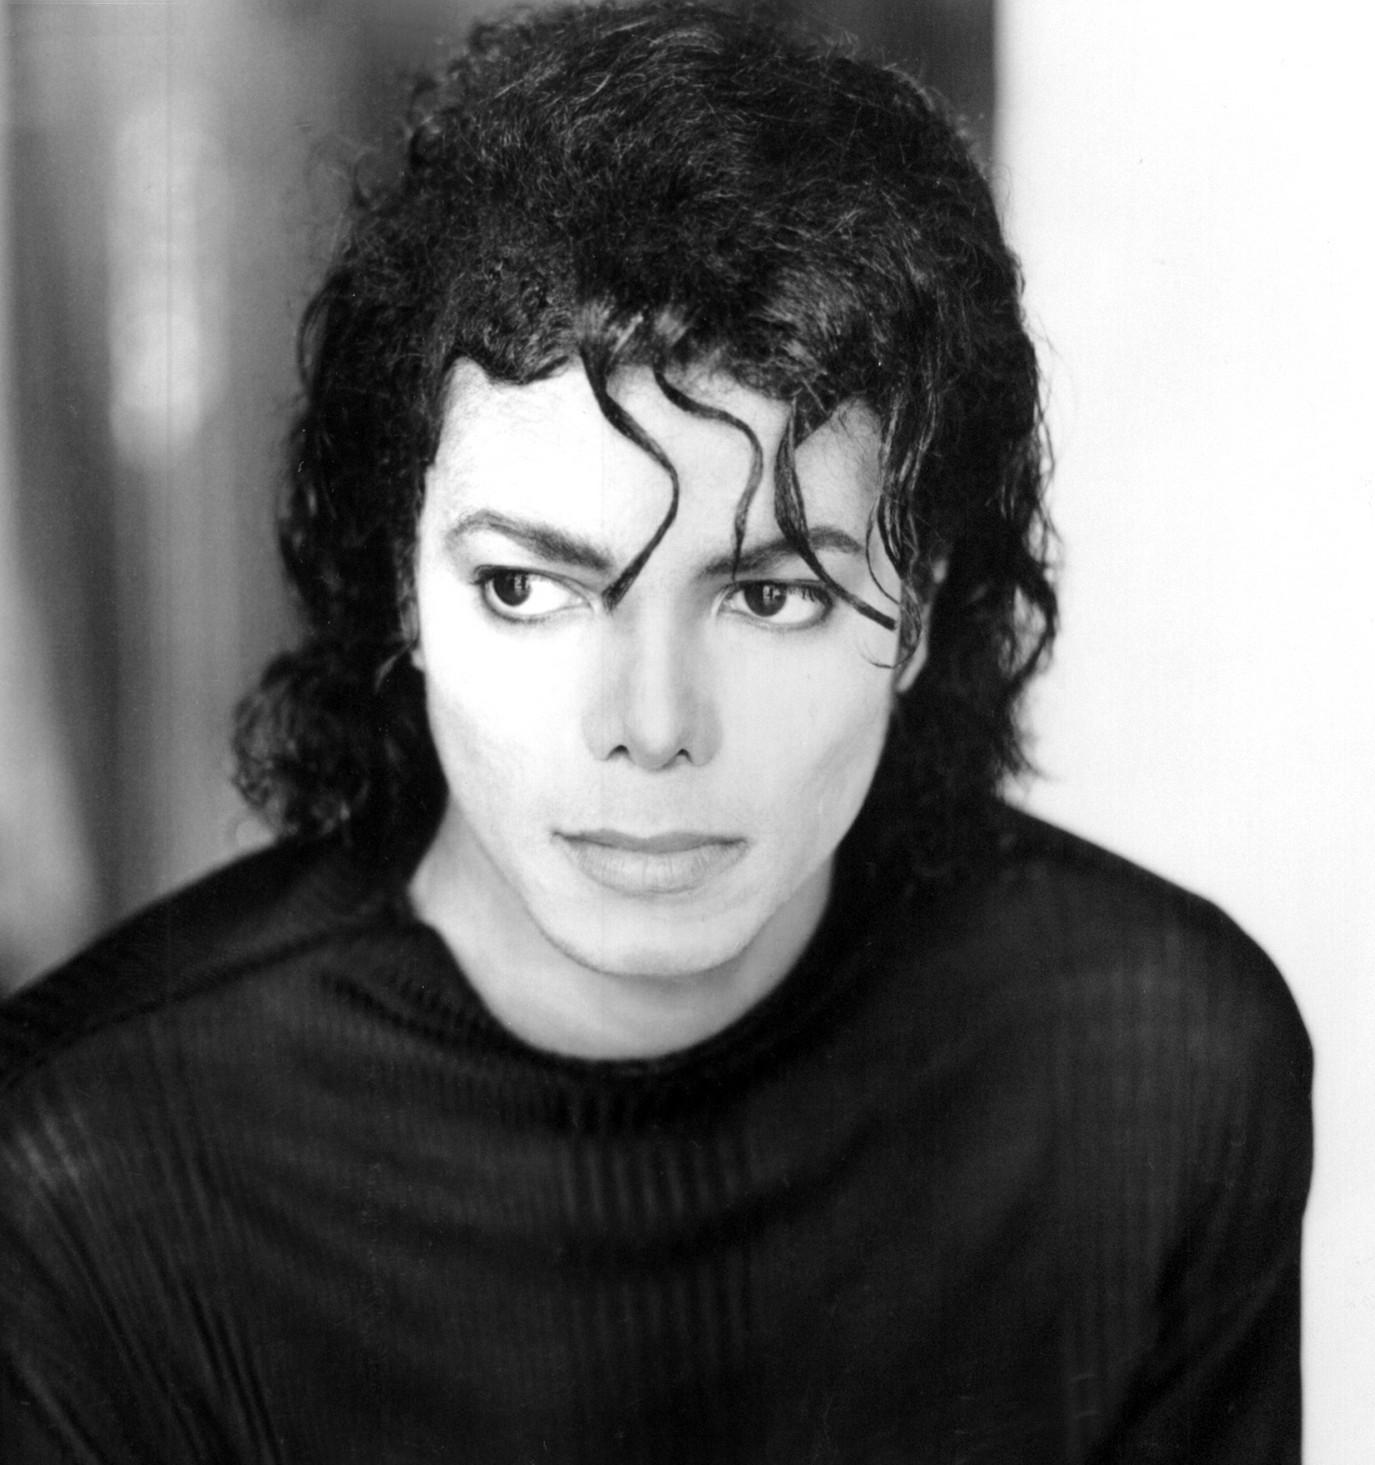 Michael Jackson - Images